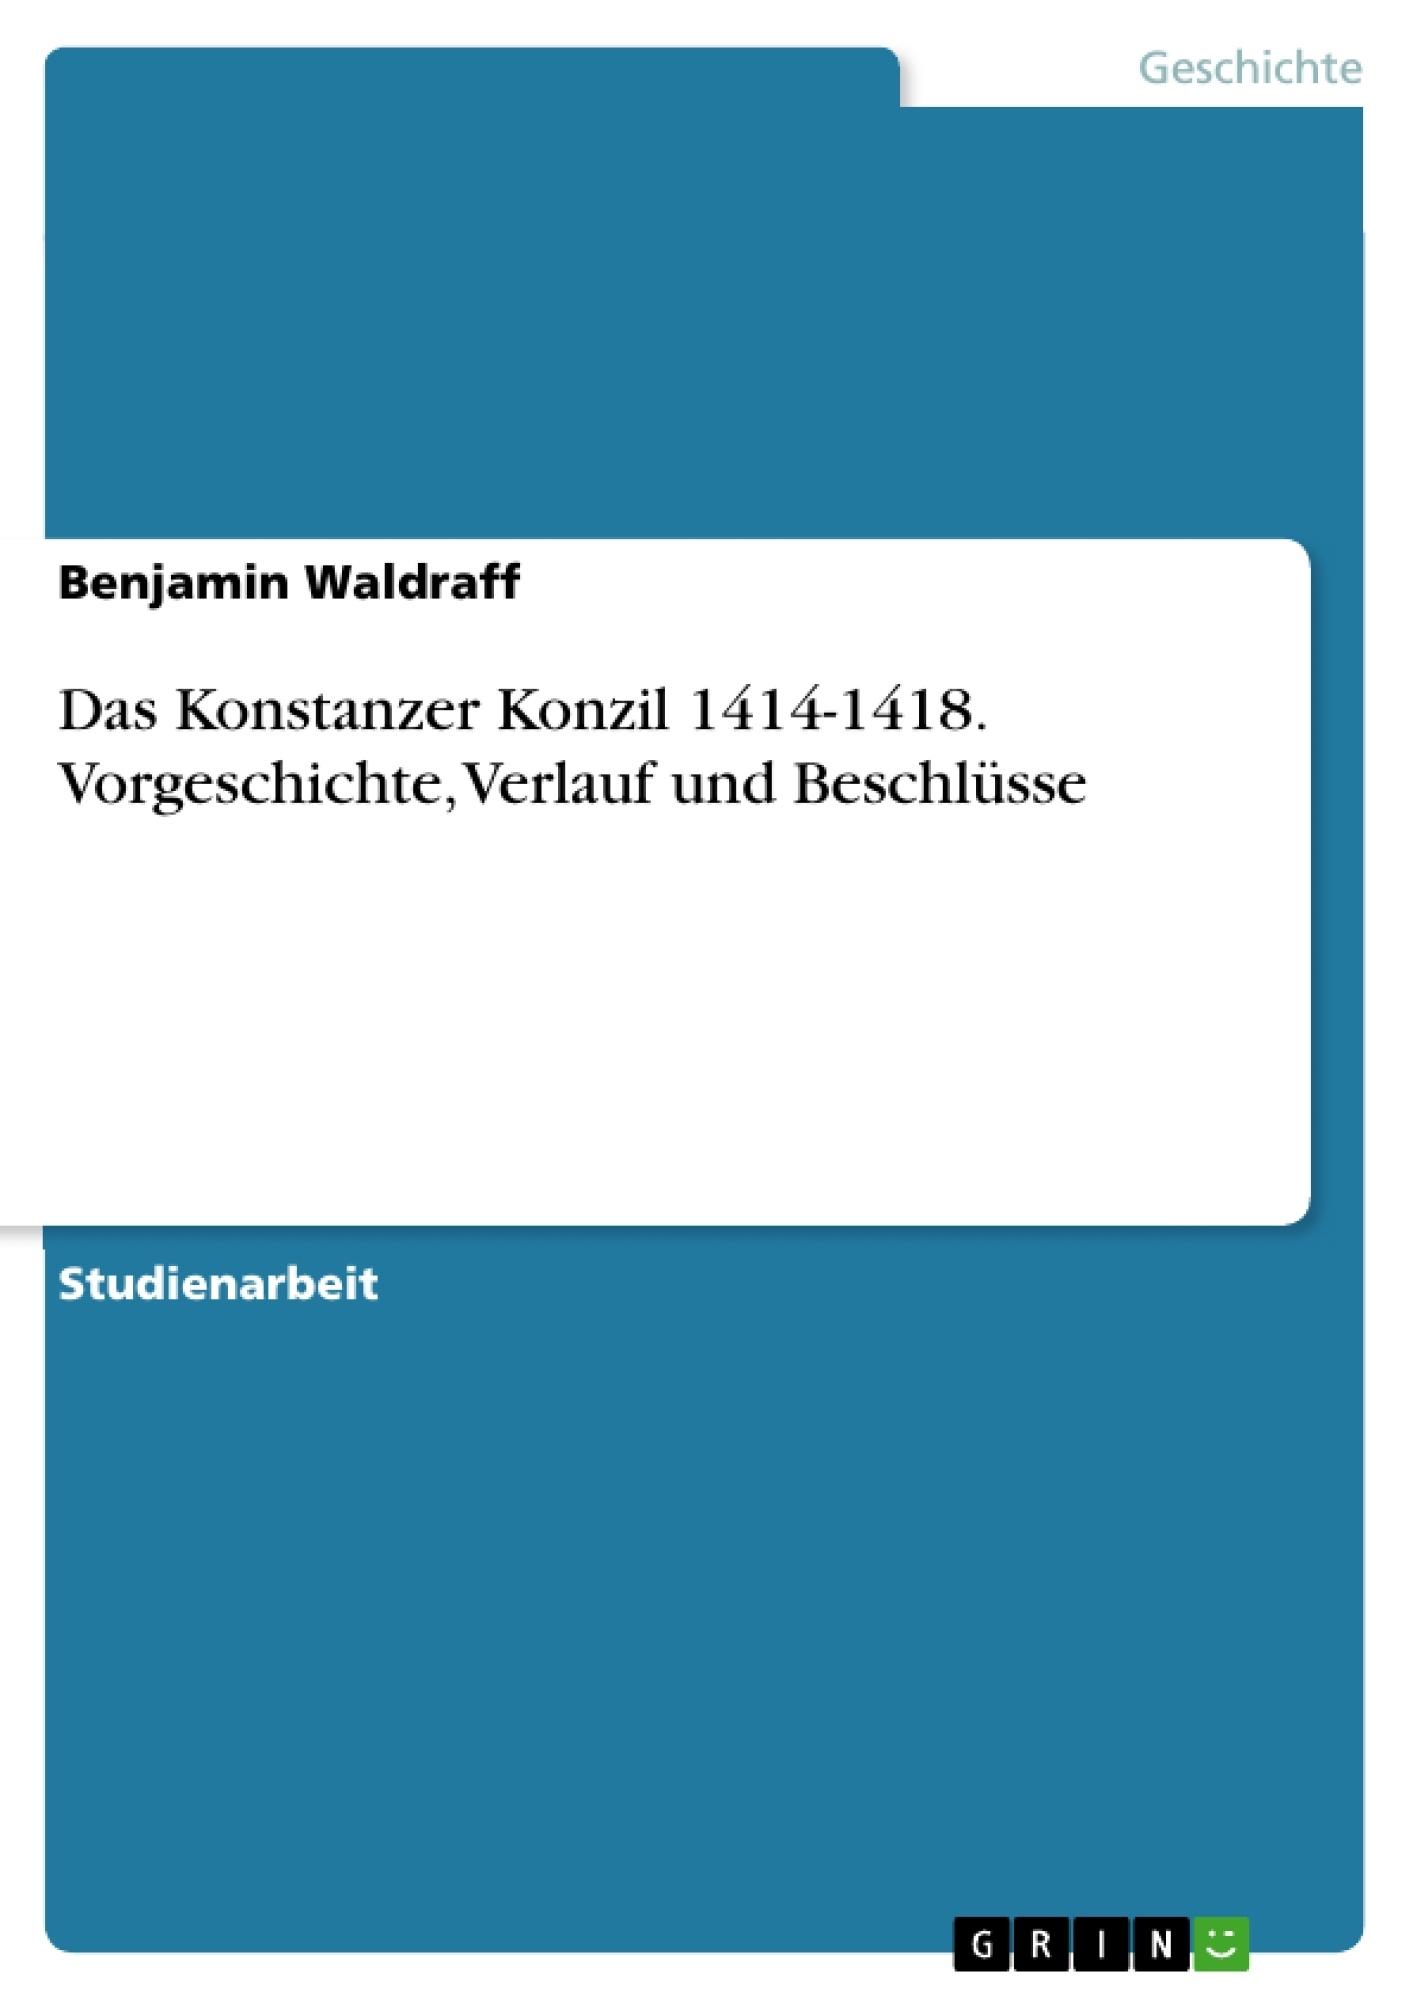 Titel: Das Konstanzer Konzil 1414-1418. Vorgeschichte, Verlauf und Beschlüsse